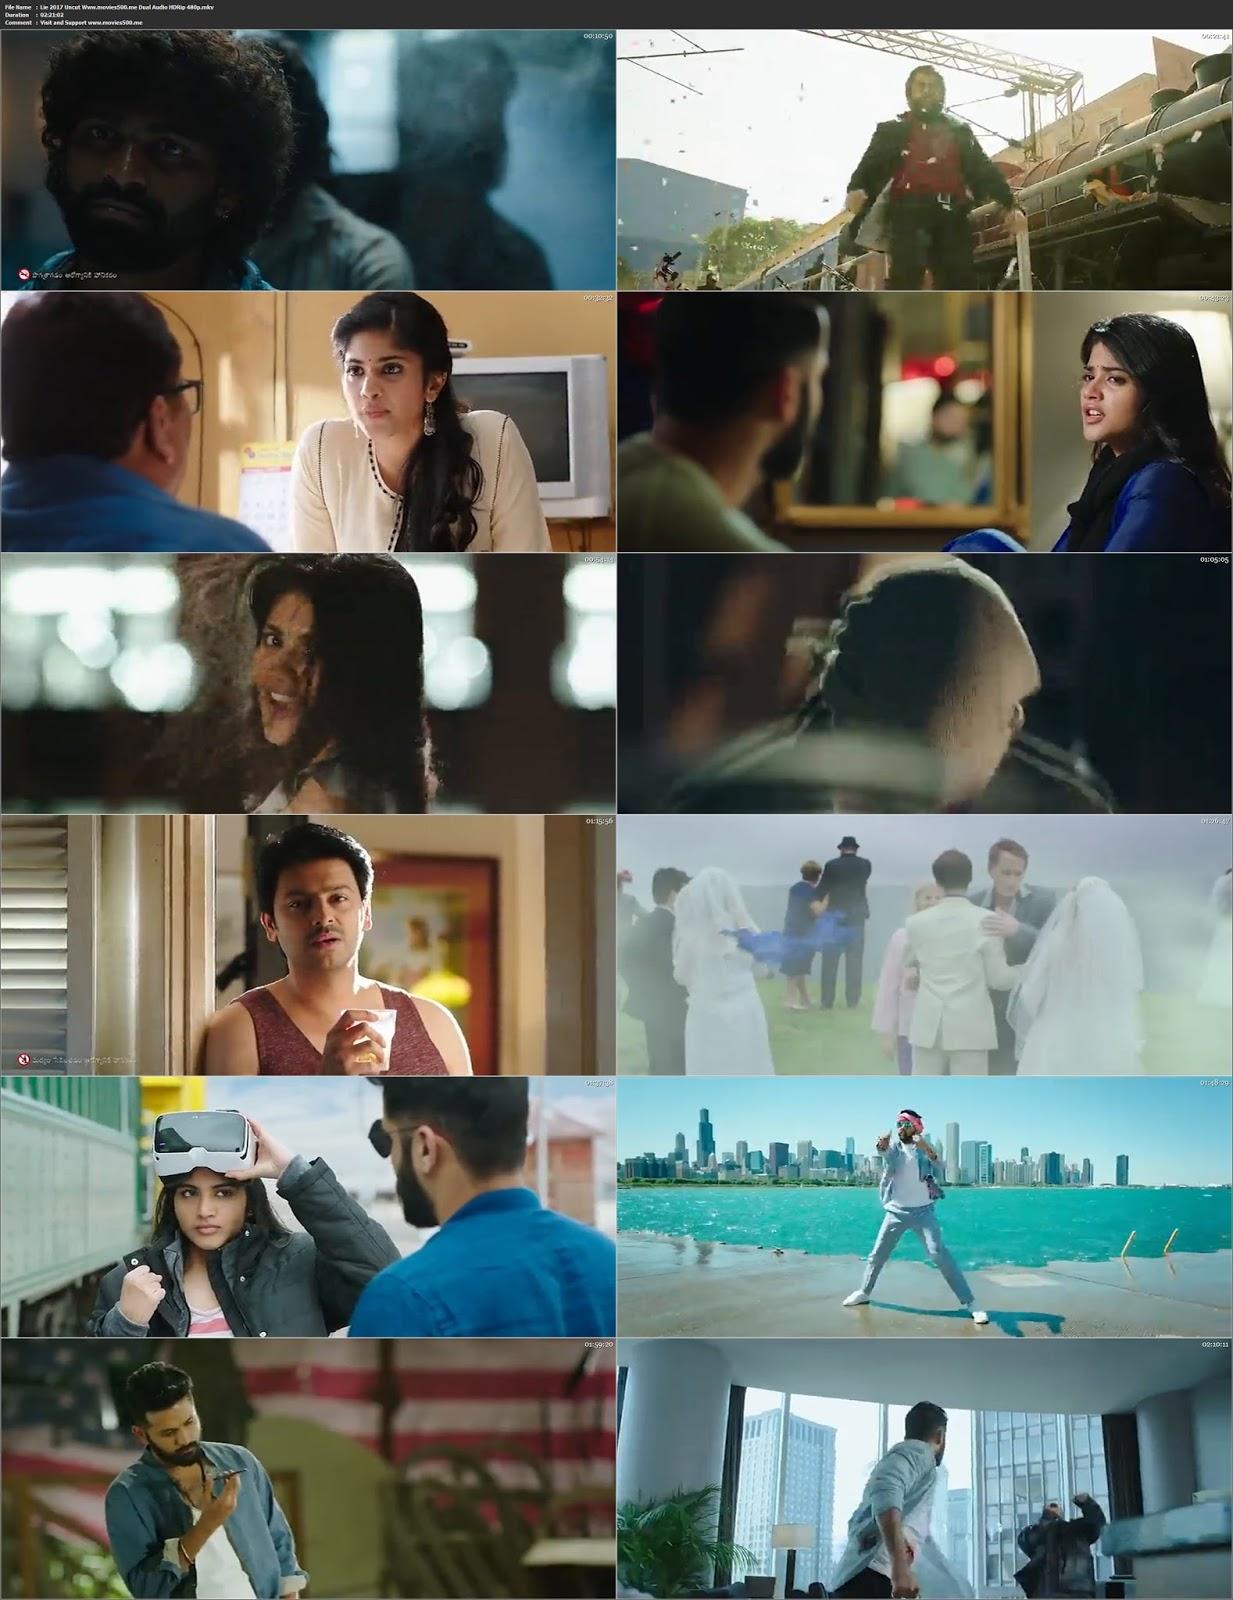 LIE 2017 Full Hindi Dubbed 400MB Movie HDRip 480p at movies500.me